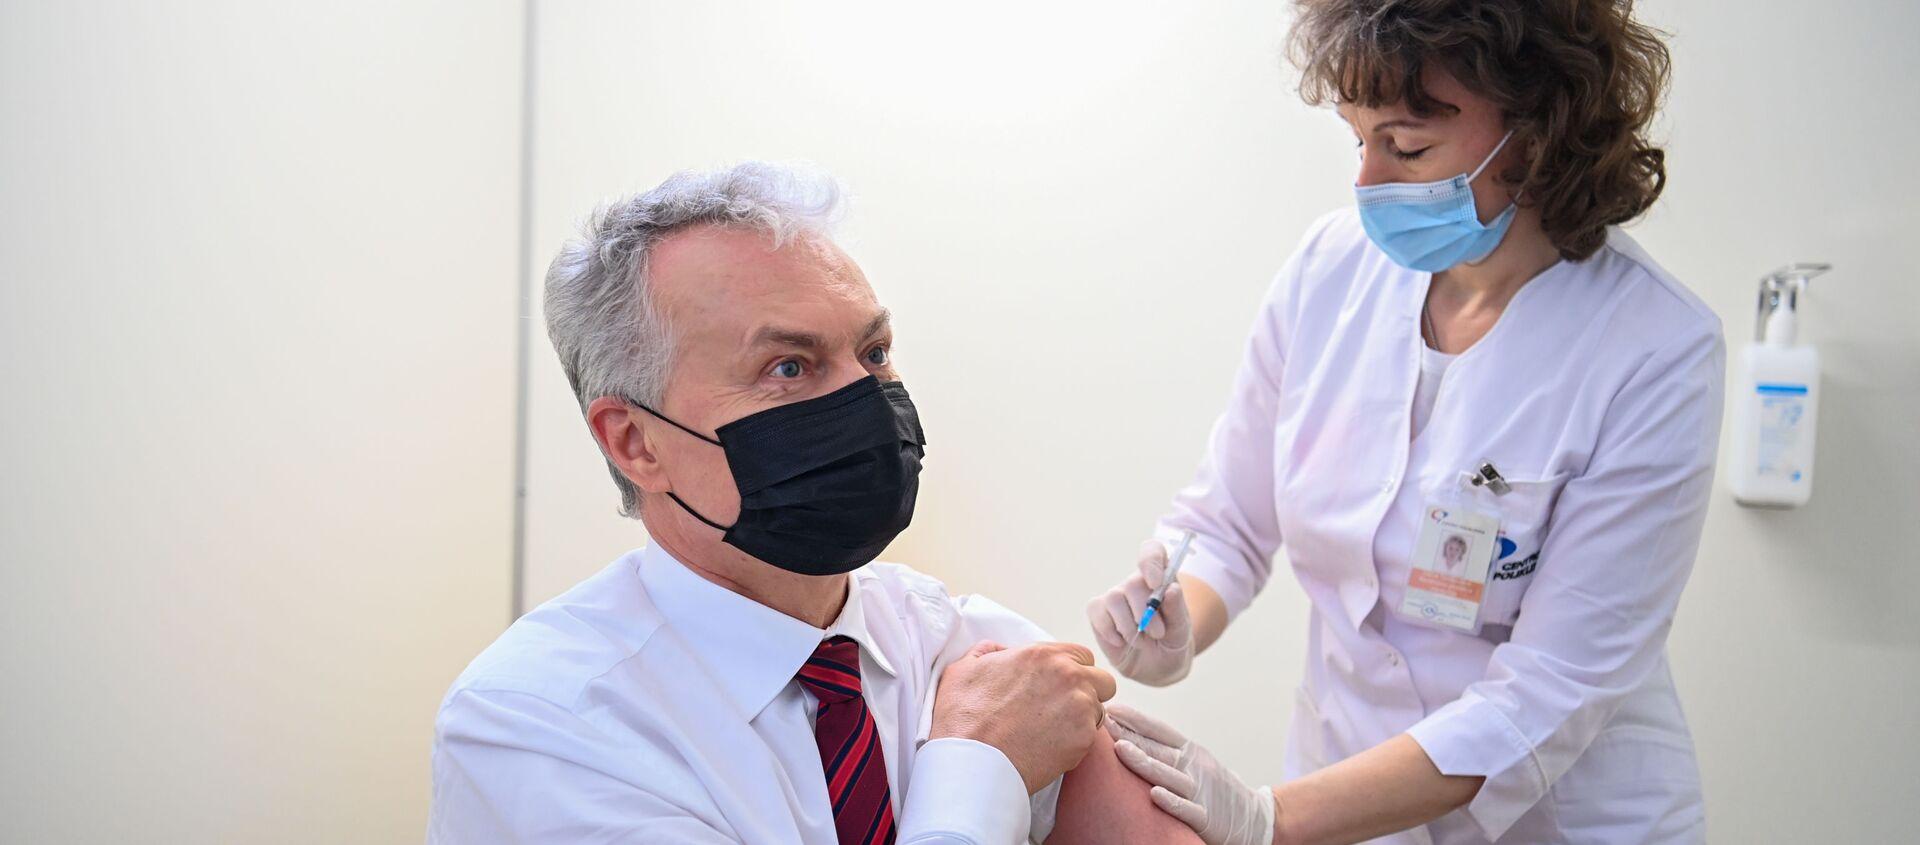 Президент Литвы Гитанас Науседа на вакцинации от коронавируса - Sputnik Латвия, 1920, 22.03.2021